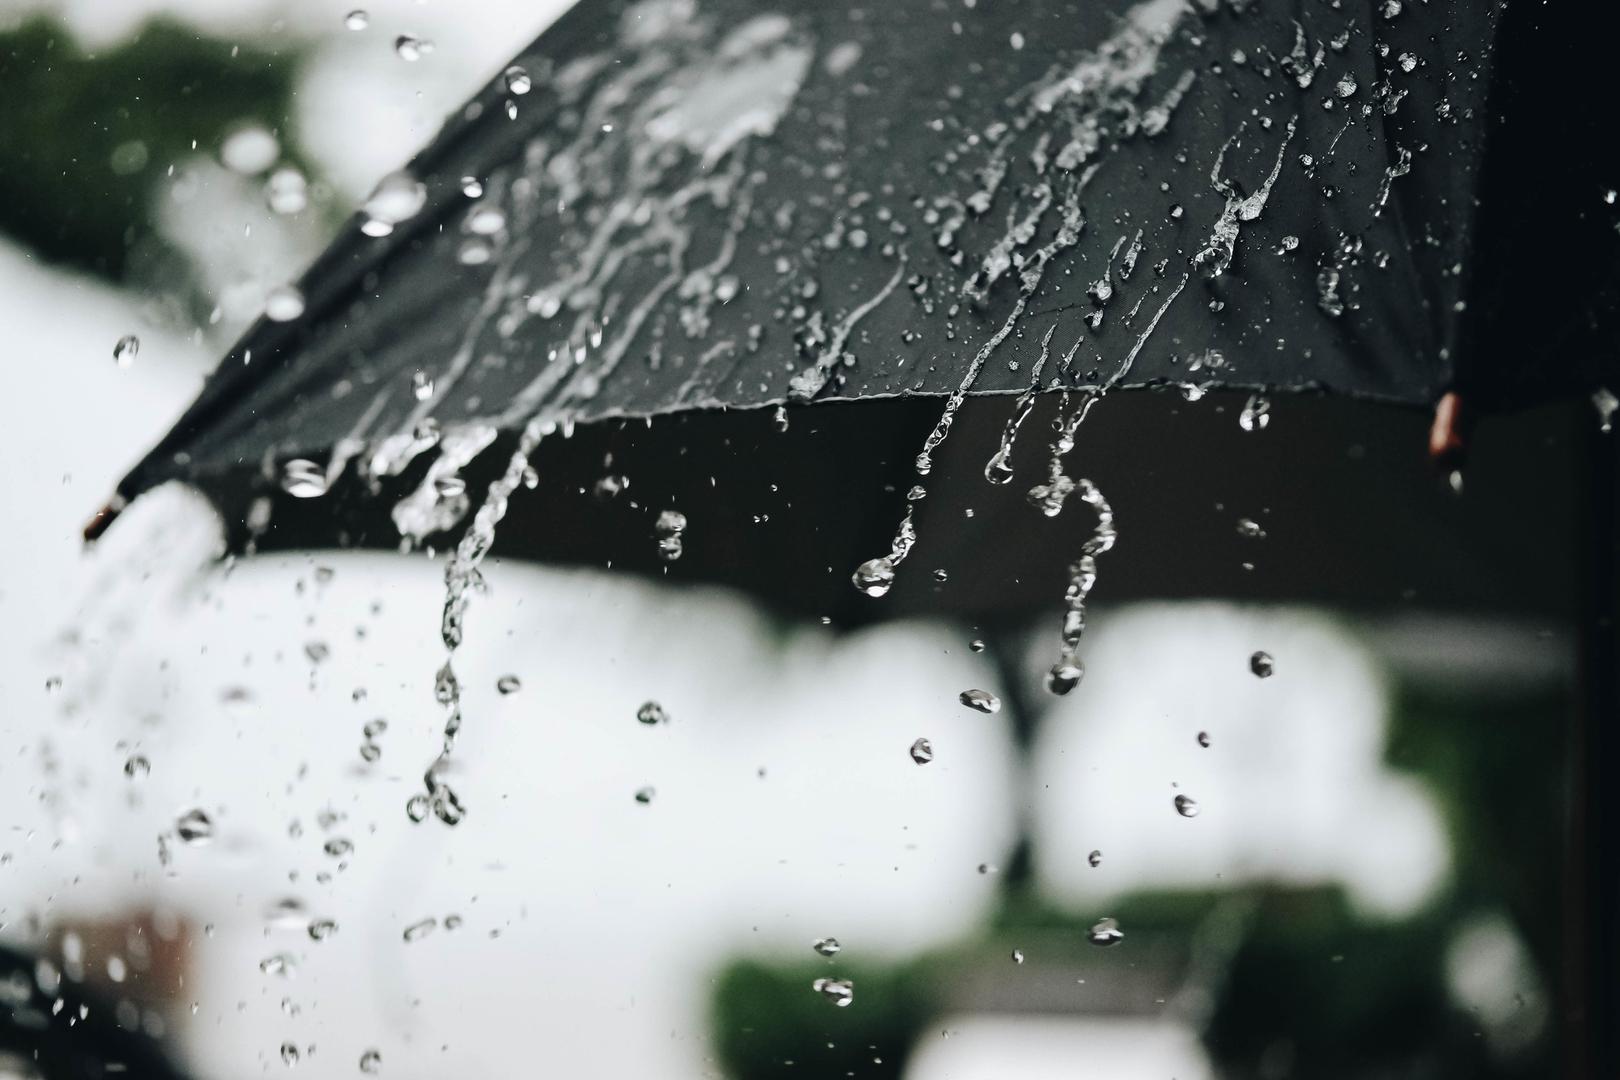 الصين تتحكم في الطقس بحلول عام 2025 بخلق أمطار اصطناعية تغطي مساحة أكبر من المملكة المتحدة